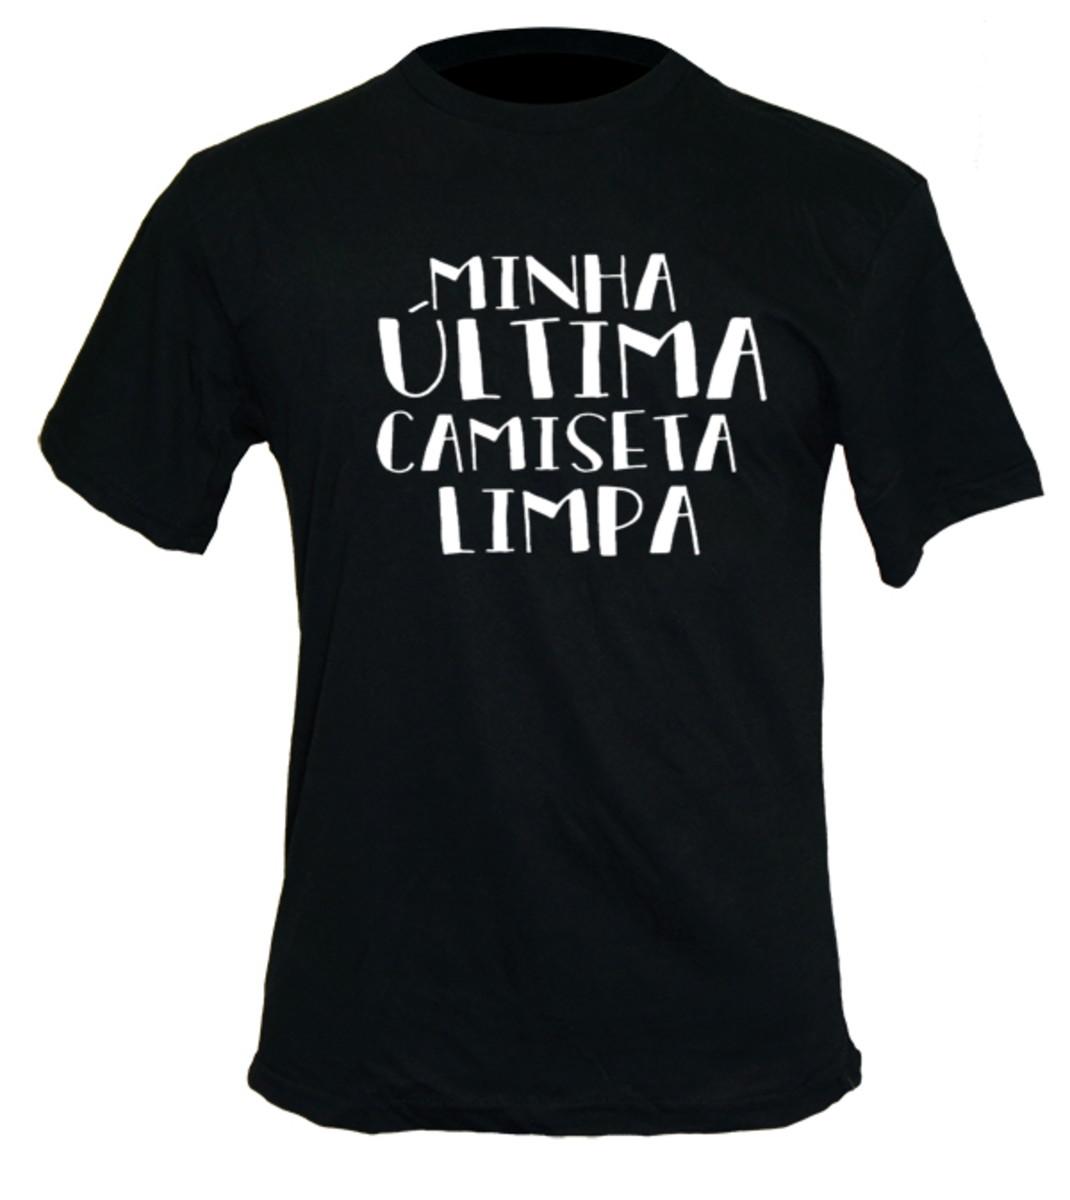 2aa1b77a6b Camisa - última camisa limpa Masc. ou Femin. 100% algodão no Elo7 ...